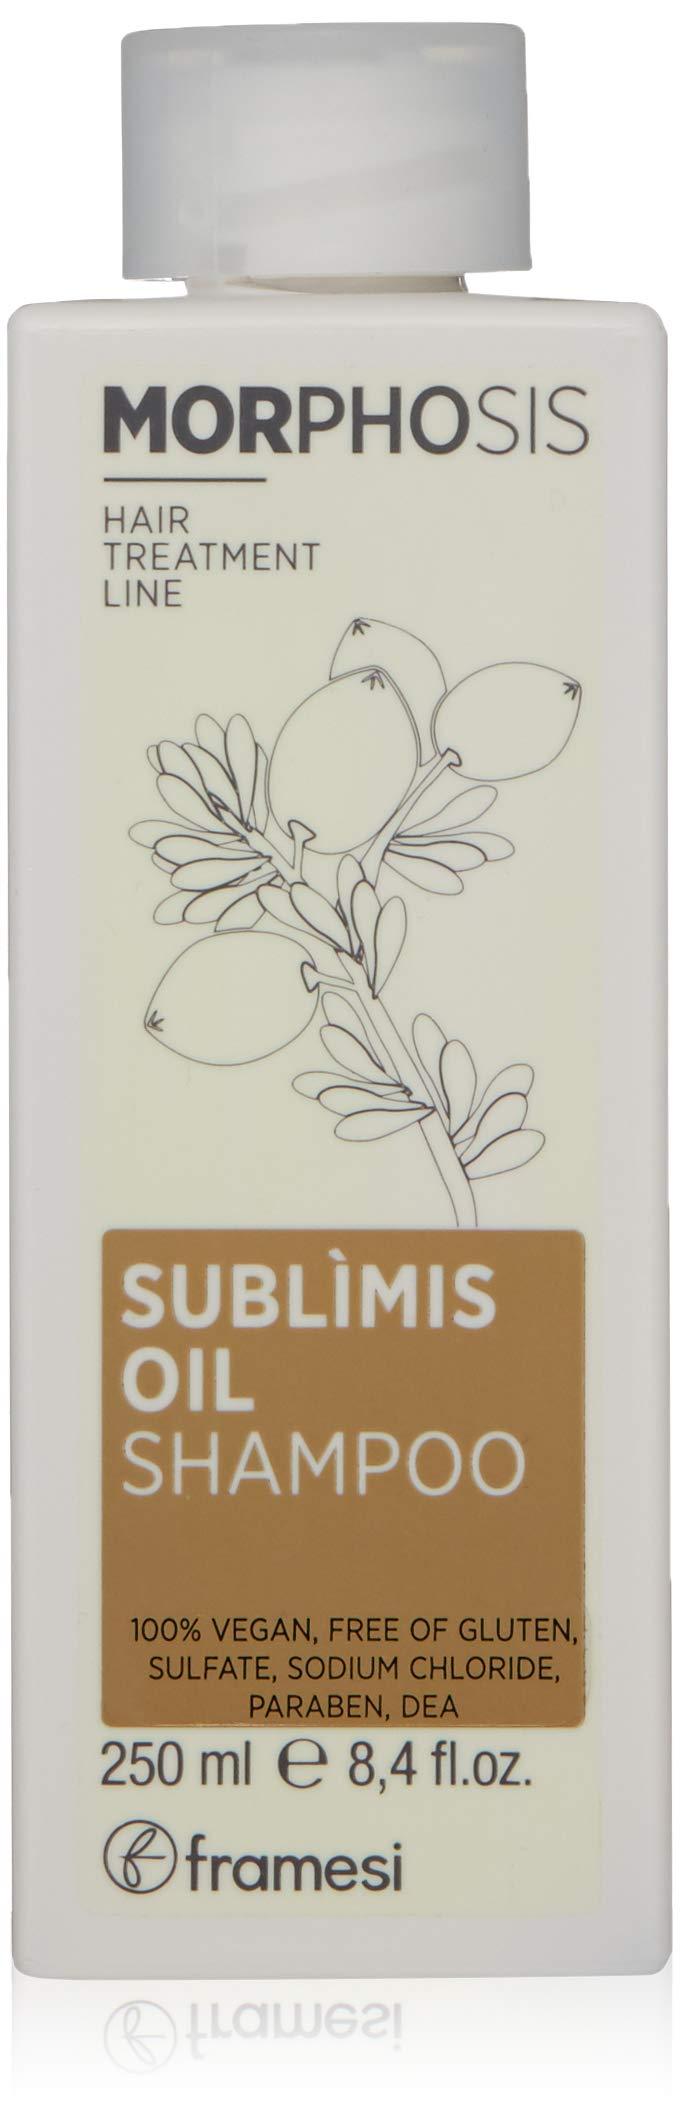 Framesi Morphosis Sublimis Oil Shampoo, Moisturizing Argan Oil Shampoo for Dry Hair